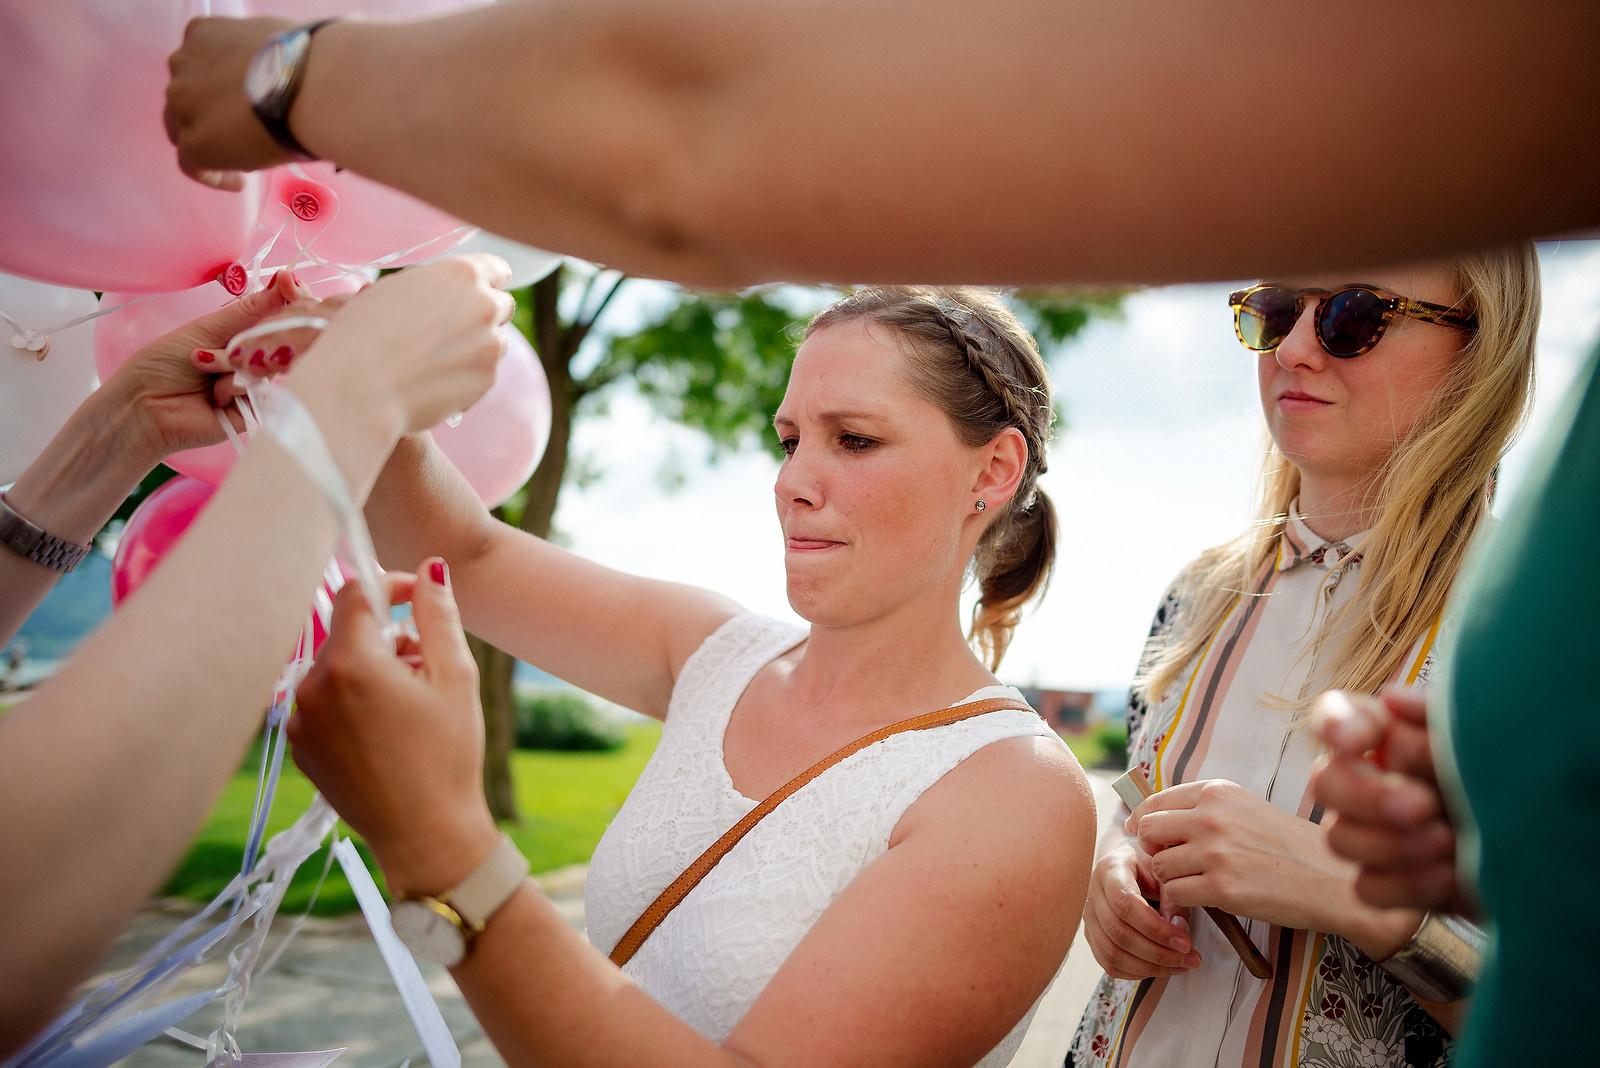 Fotograf Konstanz - Hochzeitsfotograf Bodensee Zollhaus Ludwigshafen Hochzeit Konstanz EFP 056 - Hochzeitsreportage im Zollhaus in Bodman-Ludwigshafen, Bodensee  - 180 -